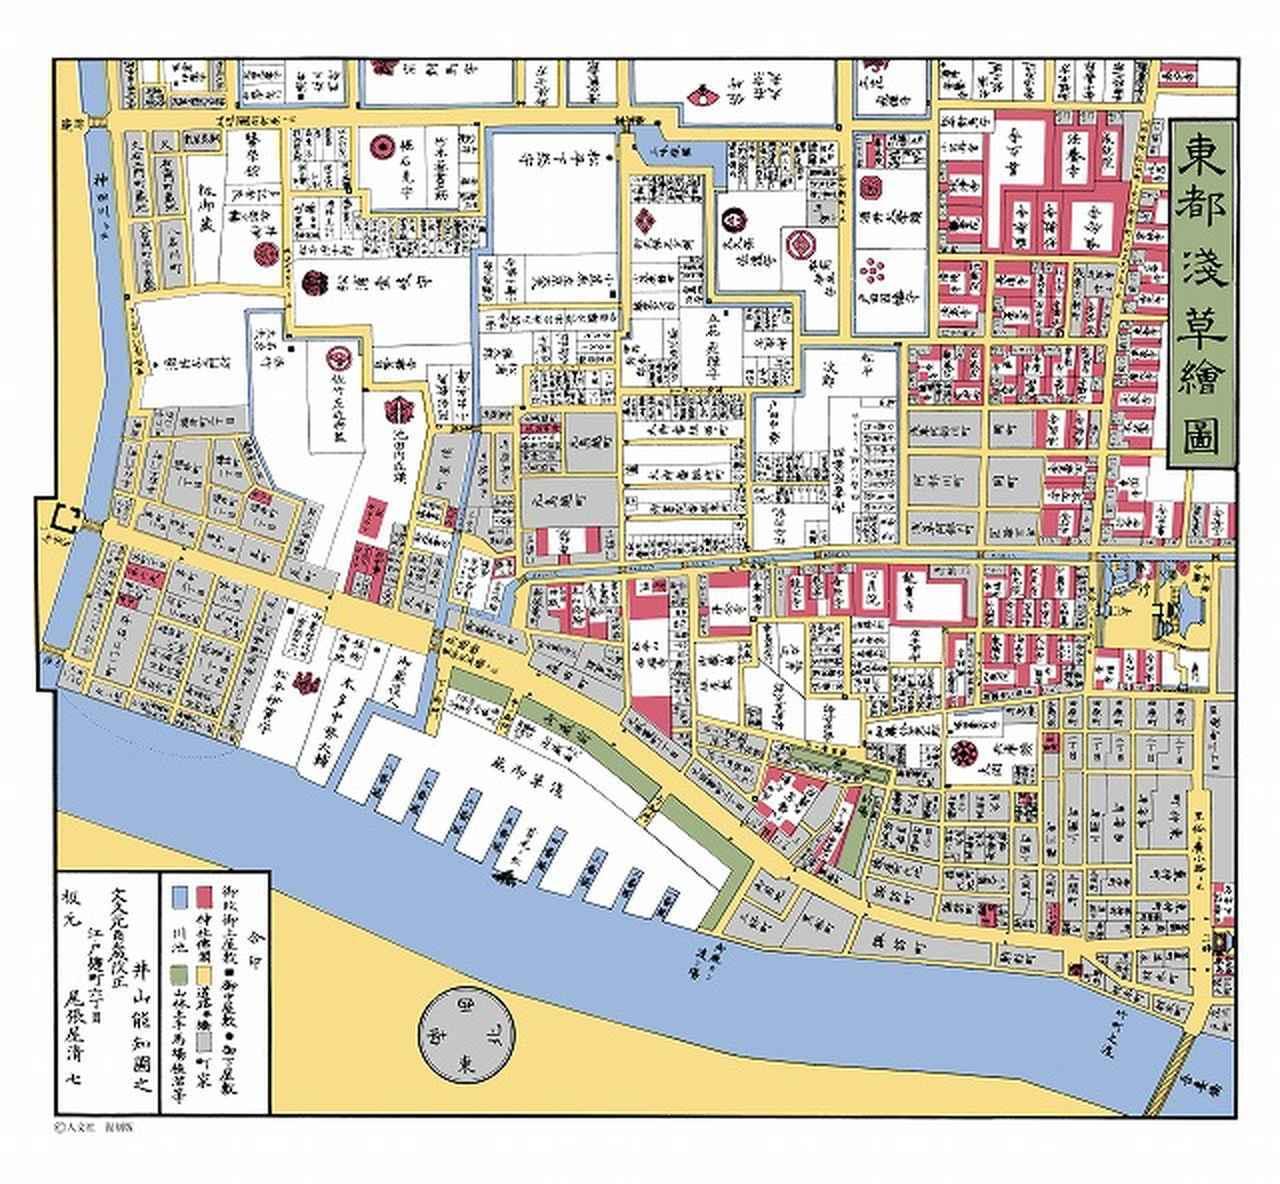 画像: 江戸の切絵図。歩く街の地図を眺めて今と昔を比べてみましょう